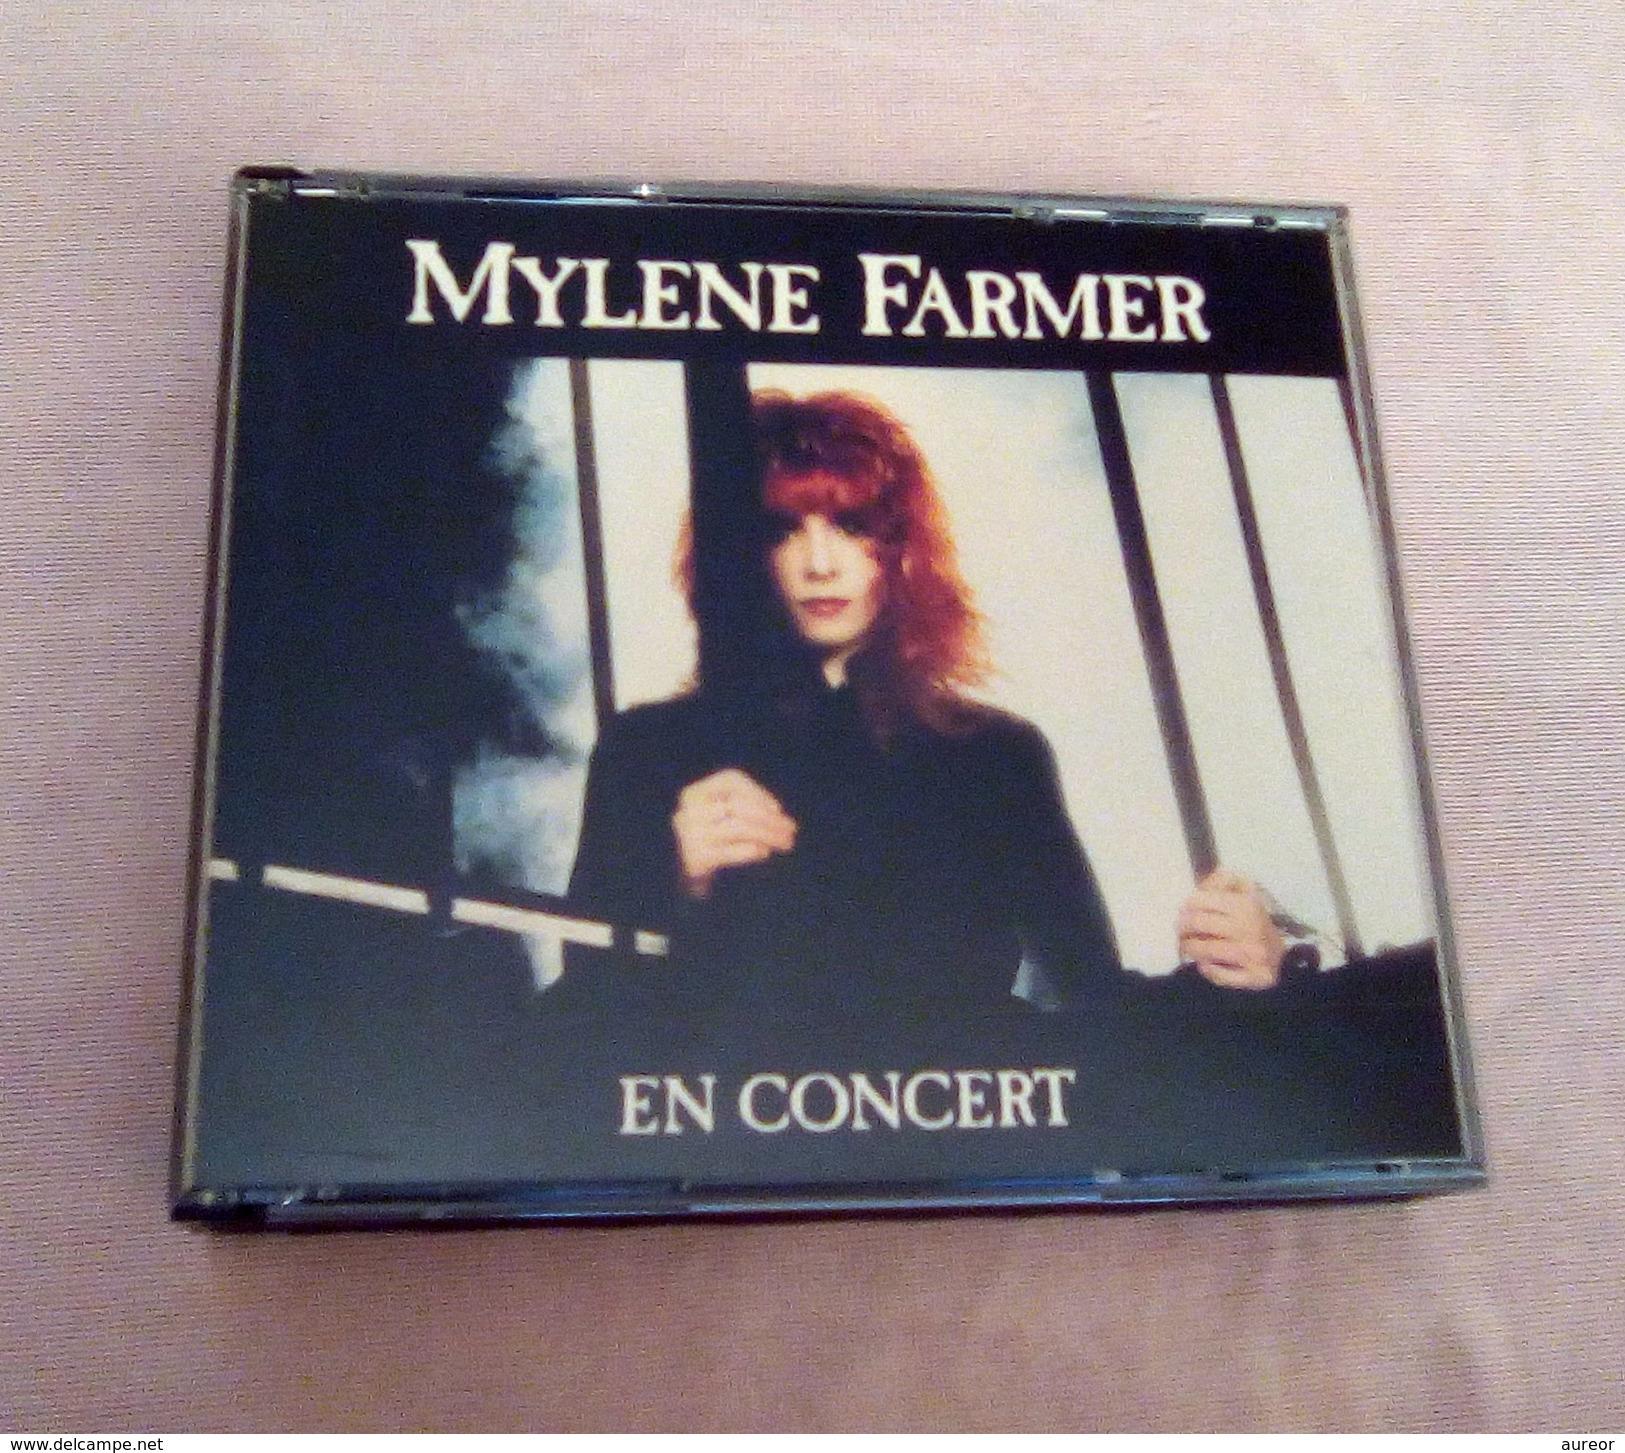 MYLENE FARMER En Concert - Andere - Franstalig